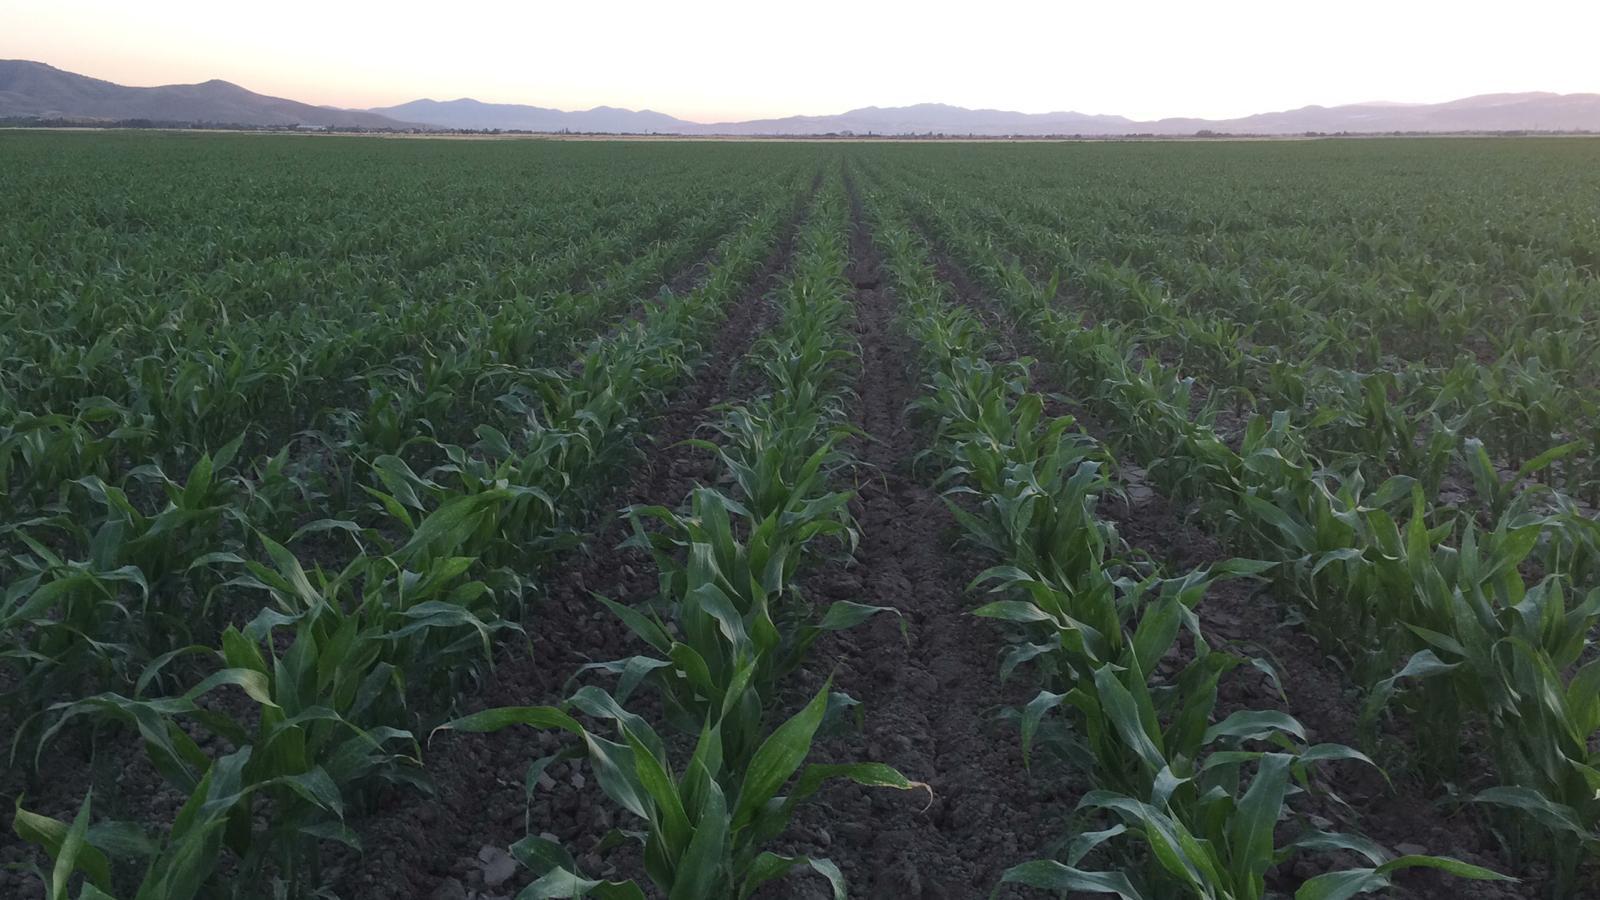 Mısır Silajı - Üretici Osman Bozkurt 450 tl fiyat ile 500.000 kilogram mısır silajı  satmak istiyor